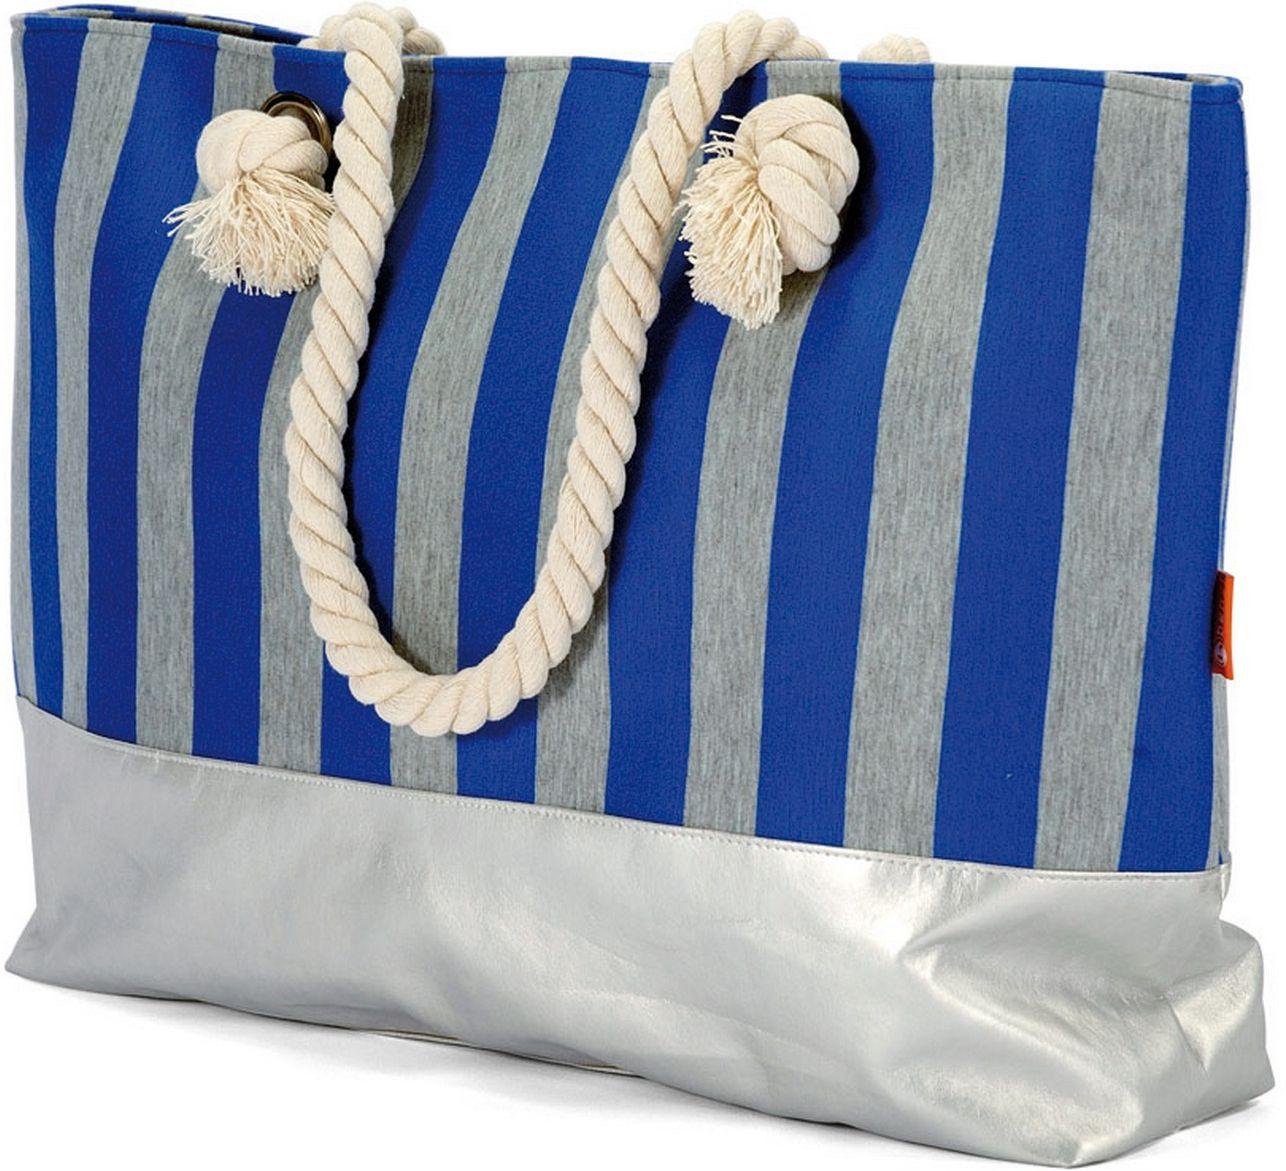 Τσαντα Θαλασσης Benzi BZ4531 Μπλε γυναίκα   τσάντες παραλίας